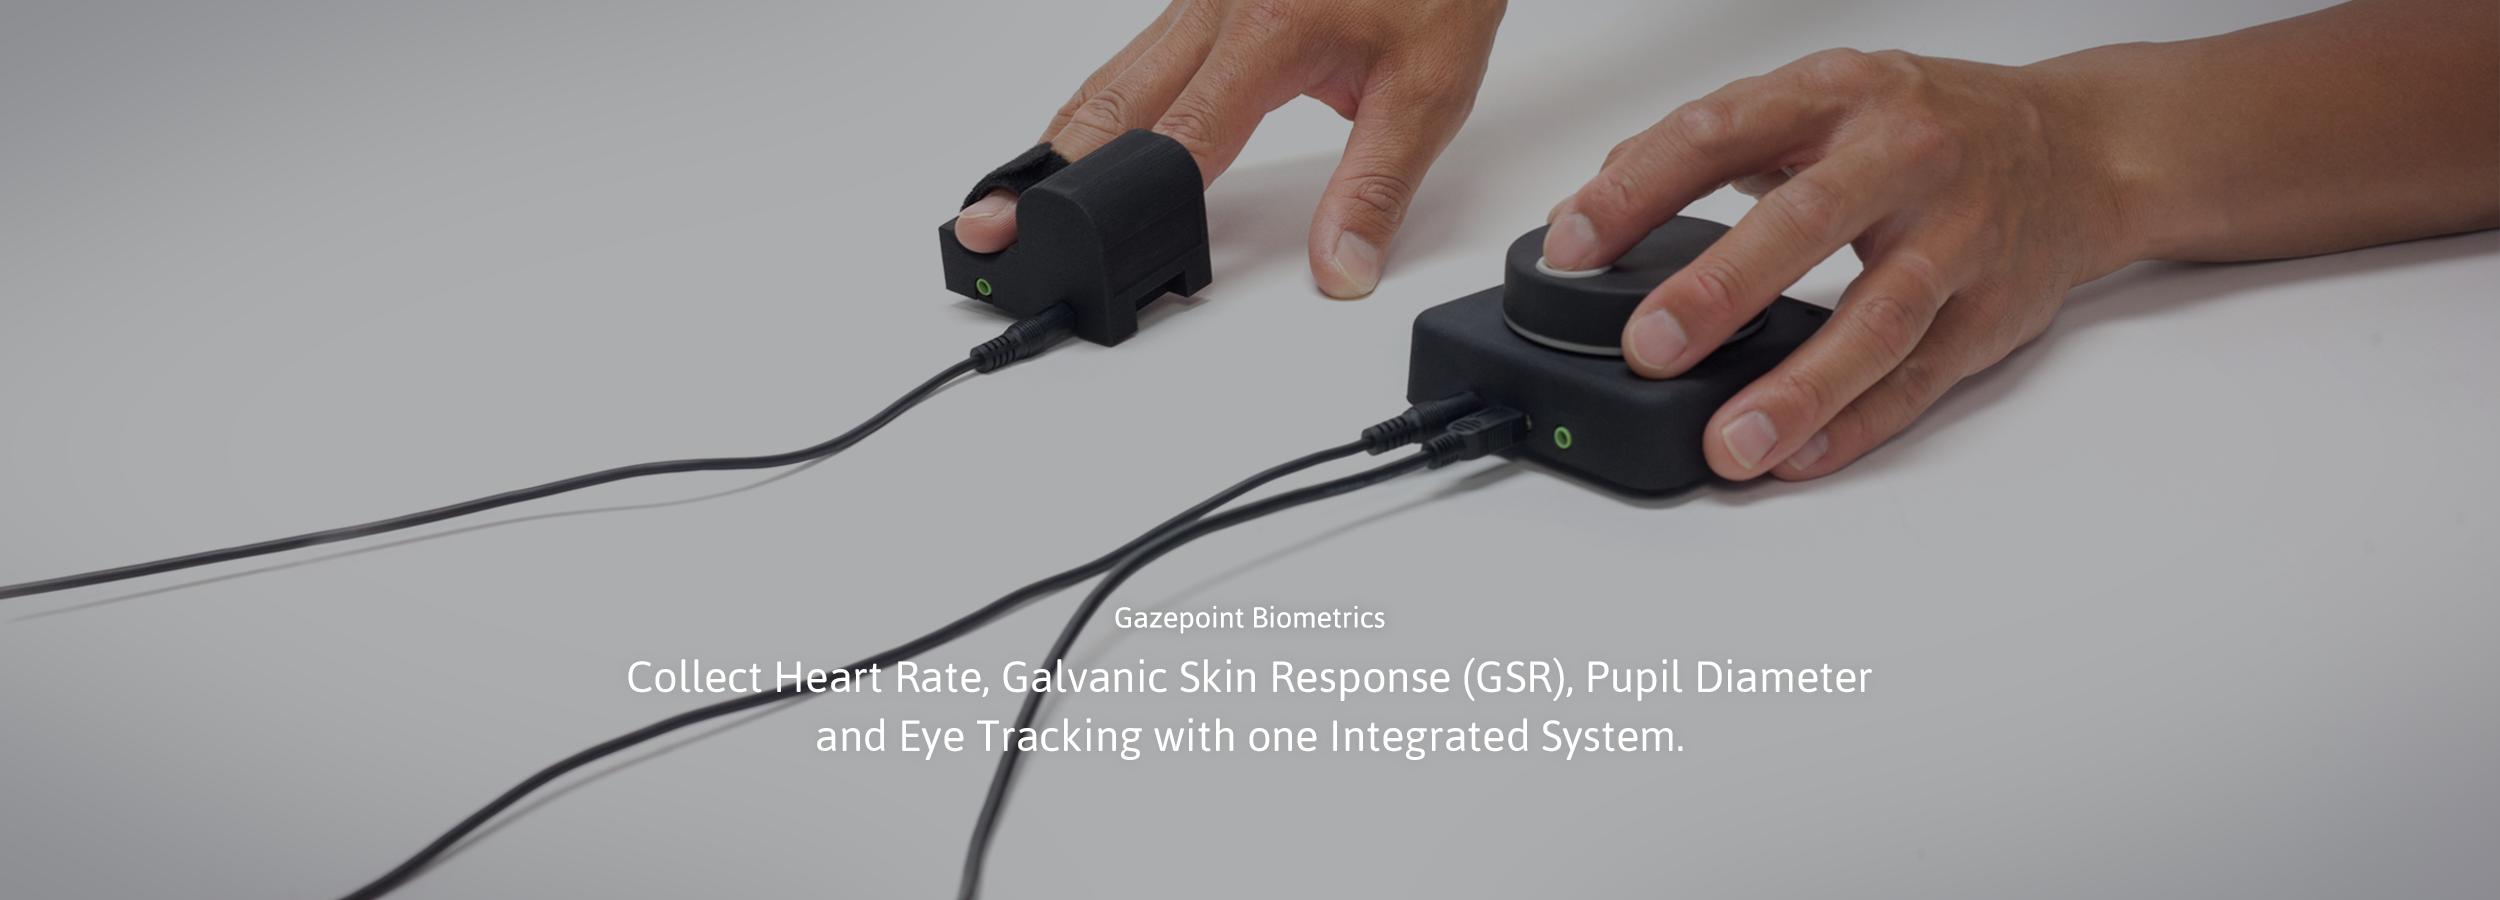 Gazepoint Biometrics Kit